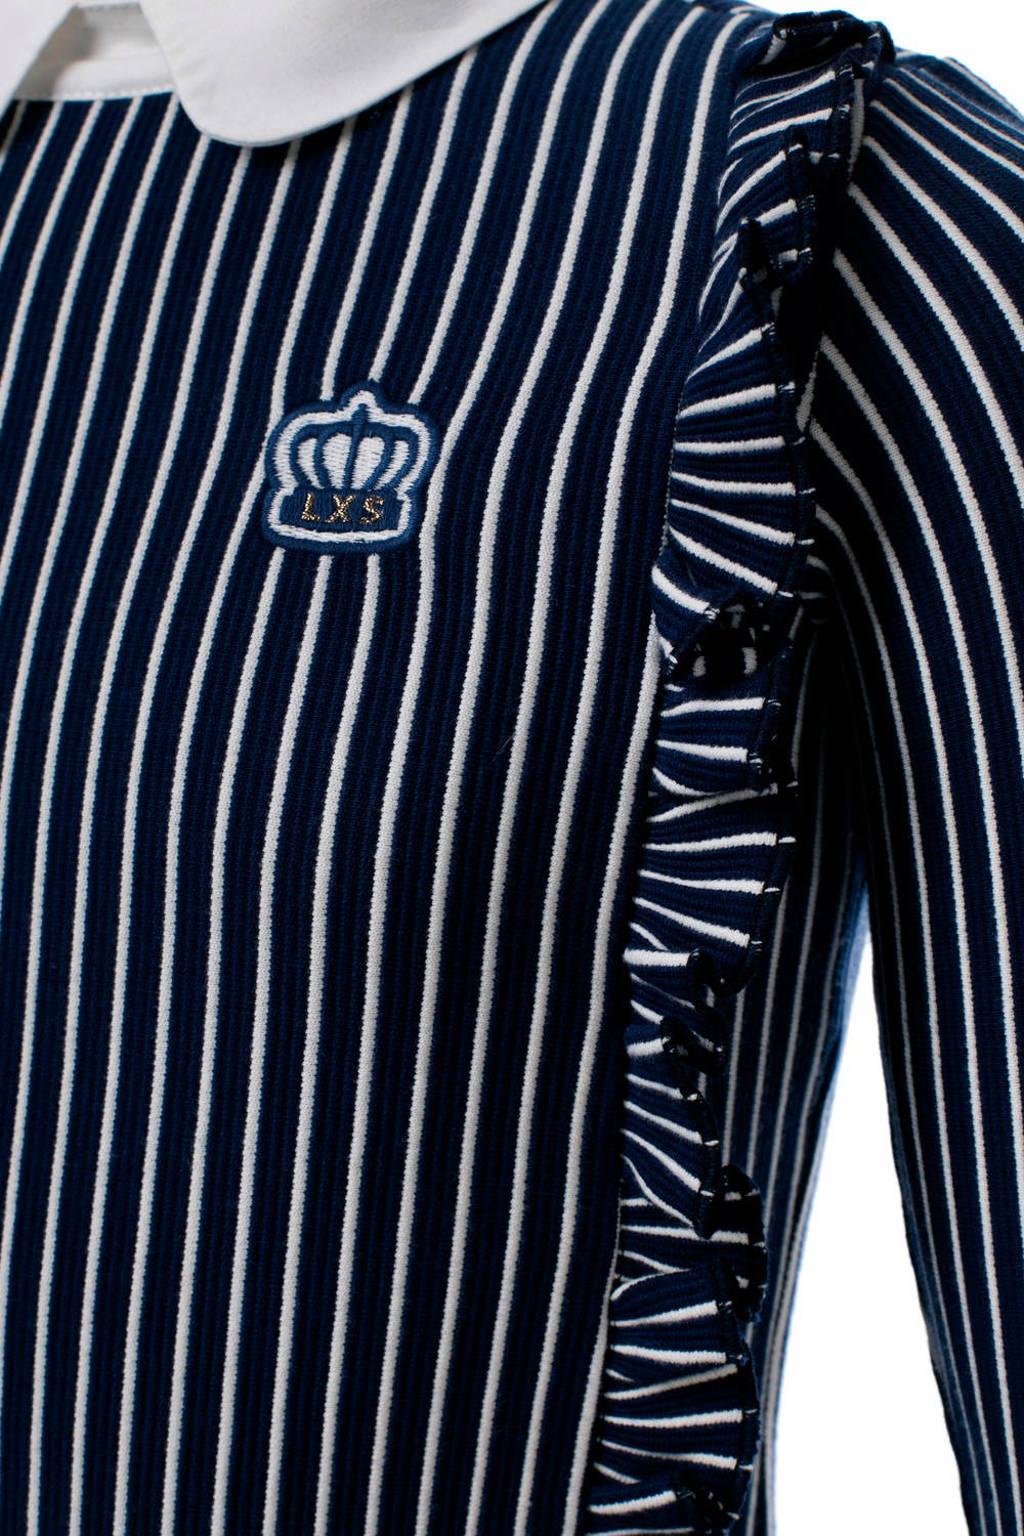 LOOXS gestreepte jurk met ruches donkerblauw/wit, Donkerblauw/wit